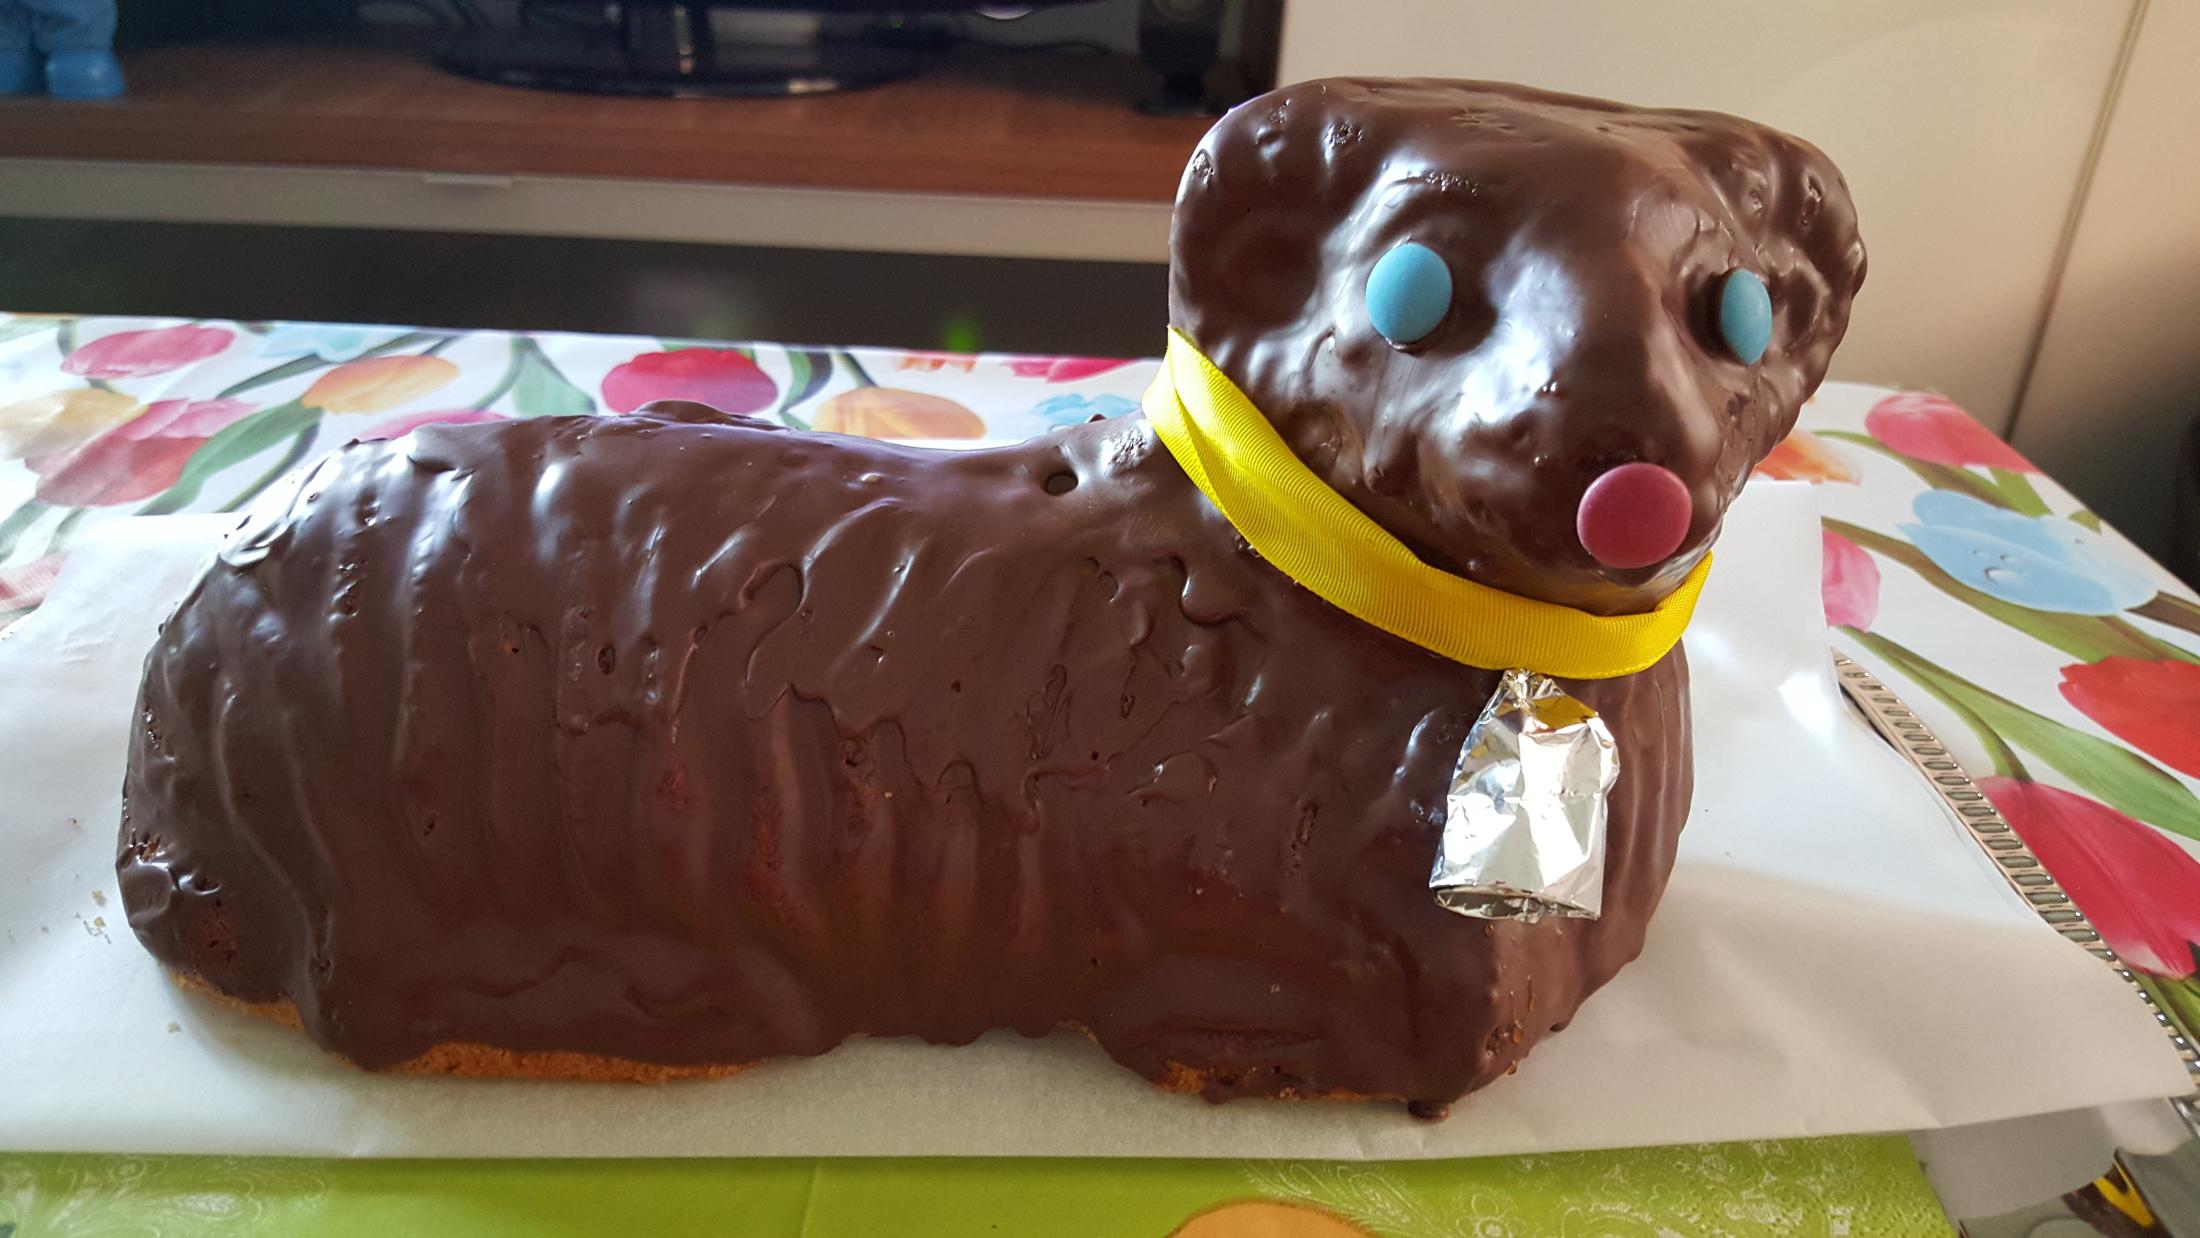 Recept Třený velikonoční beránek - Třený velikonoční beránek